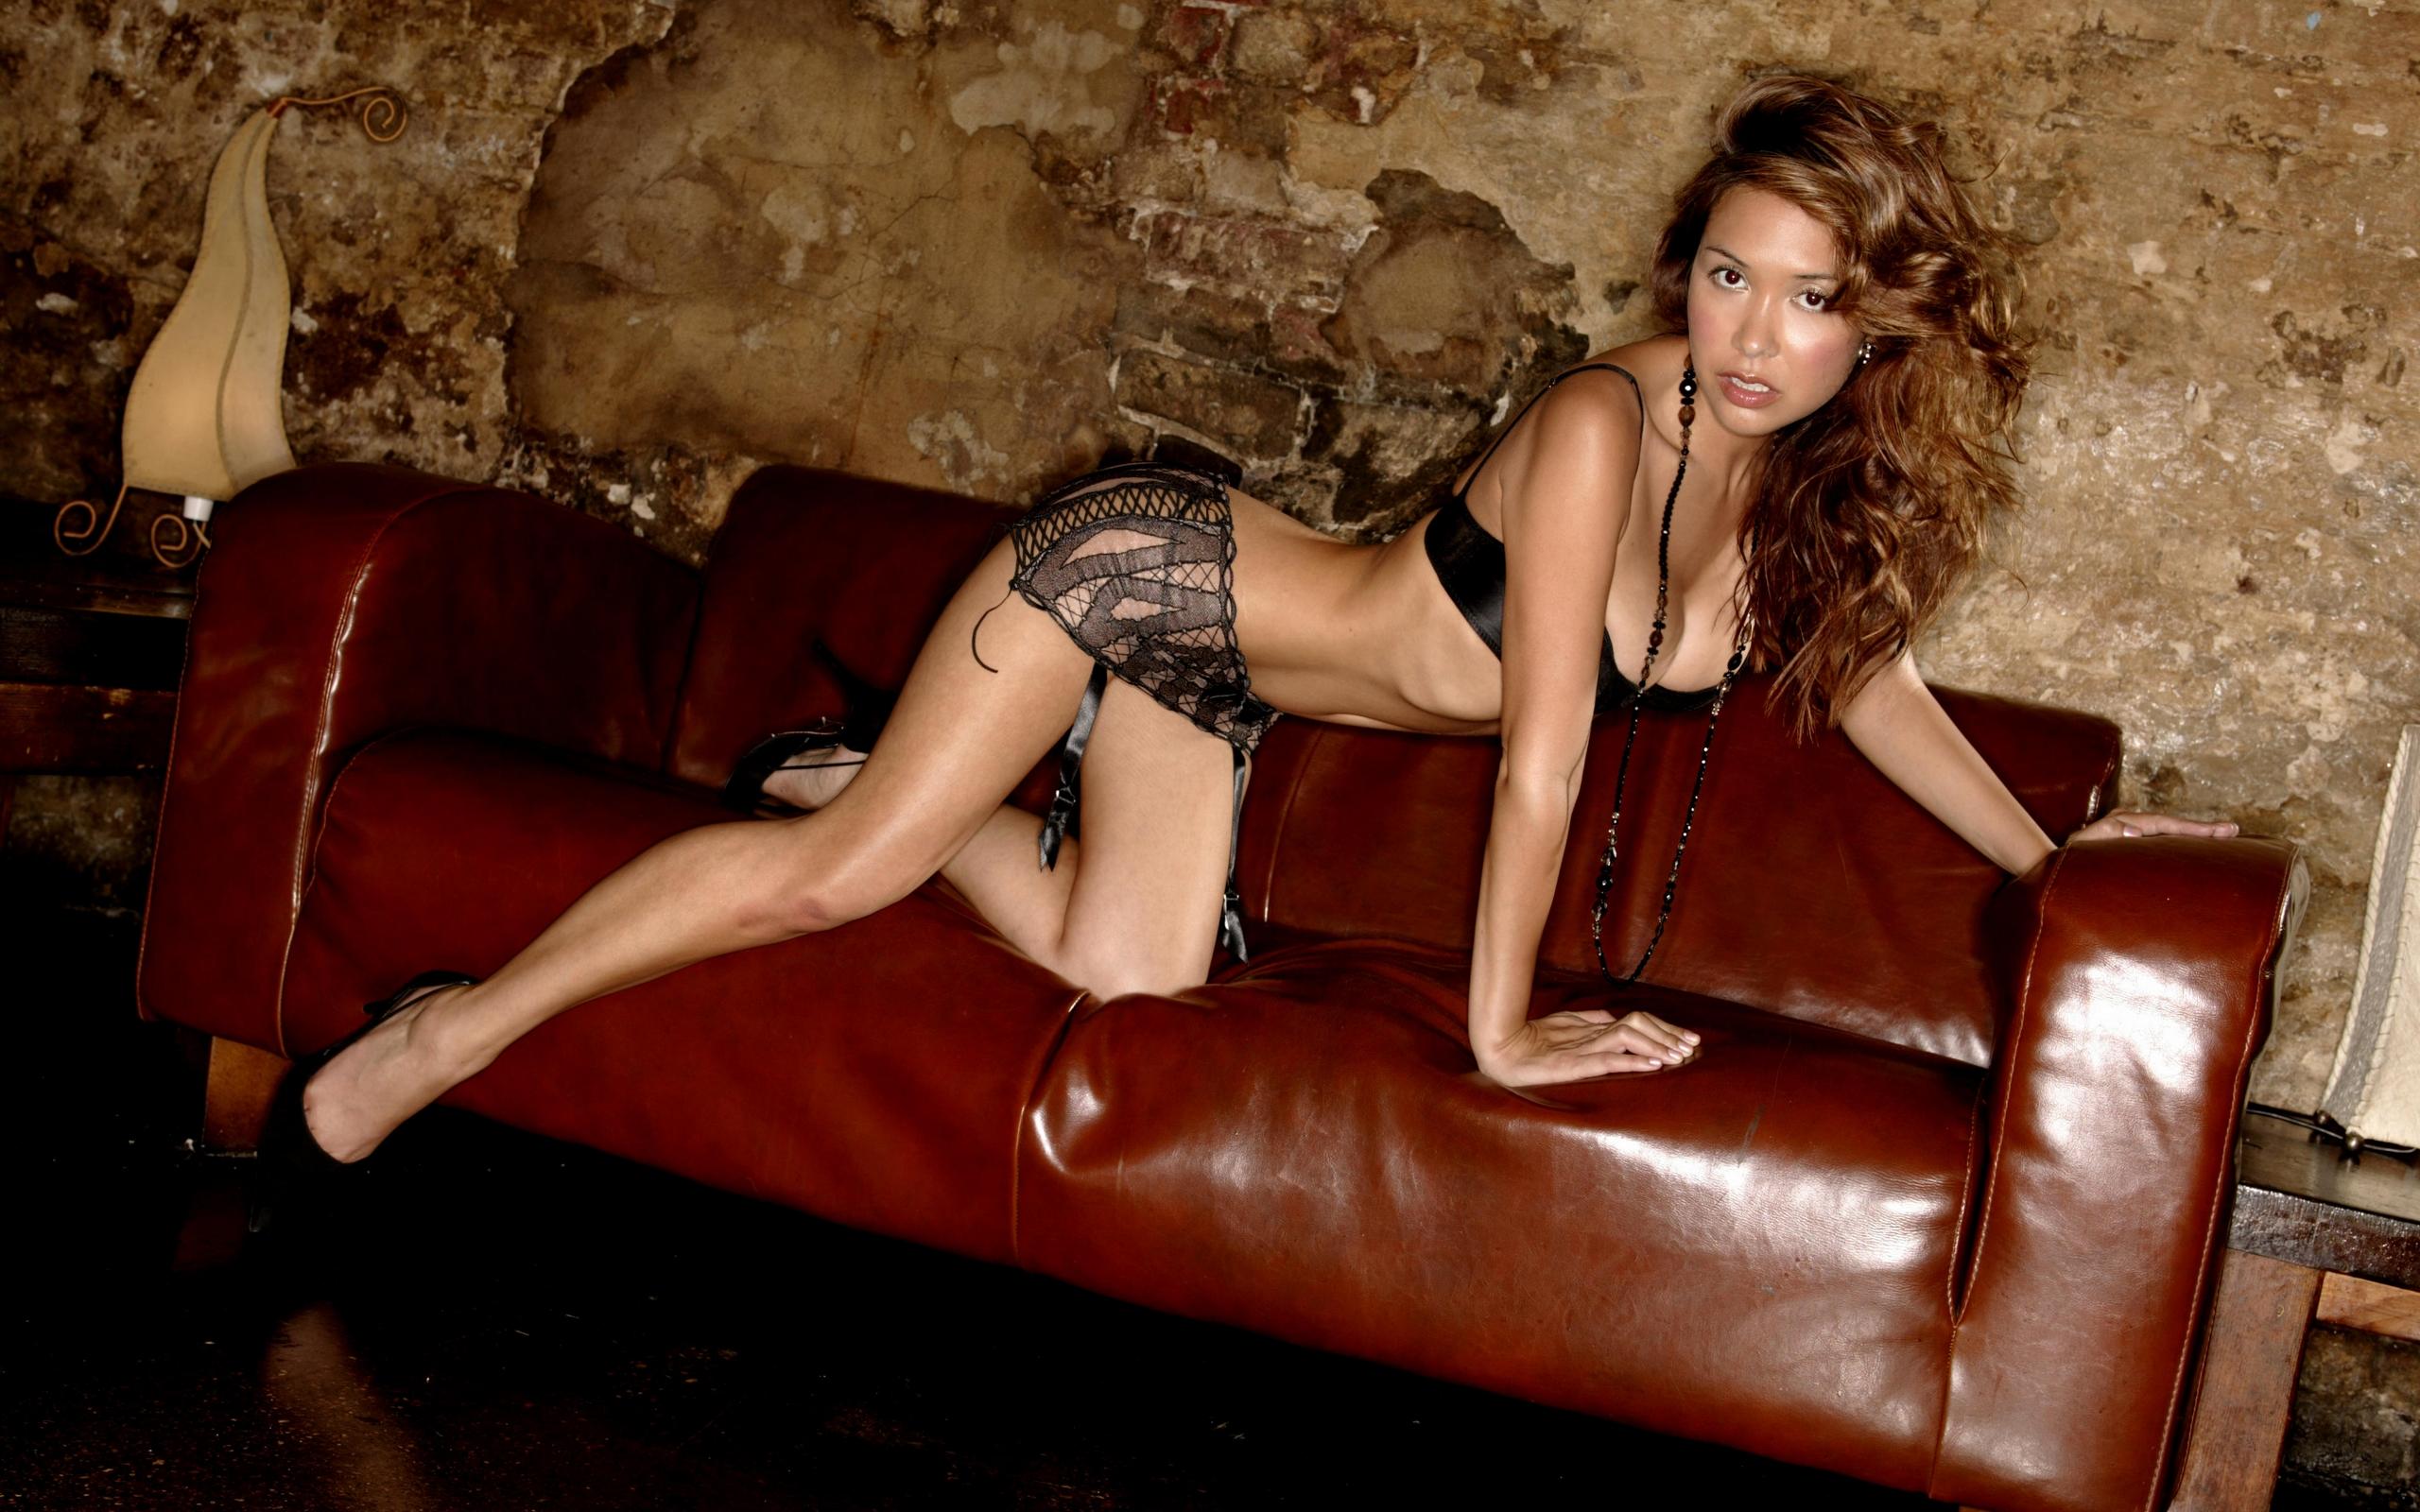 Эротическая фотосессия на диване